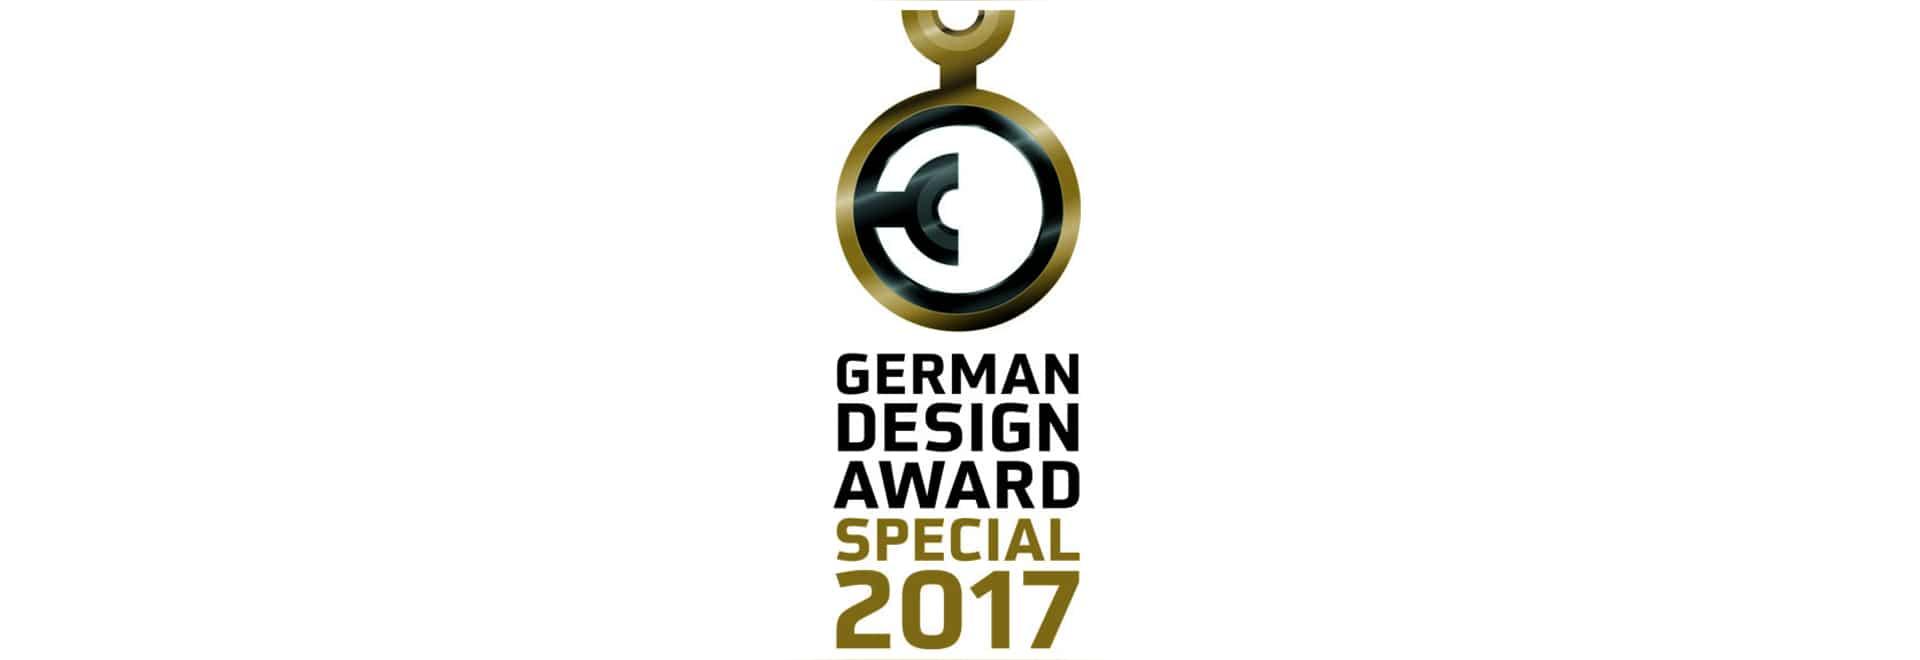 X_TEND concedió con el diseño alemán 2017 - mención especial